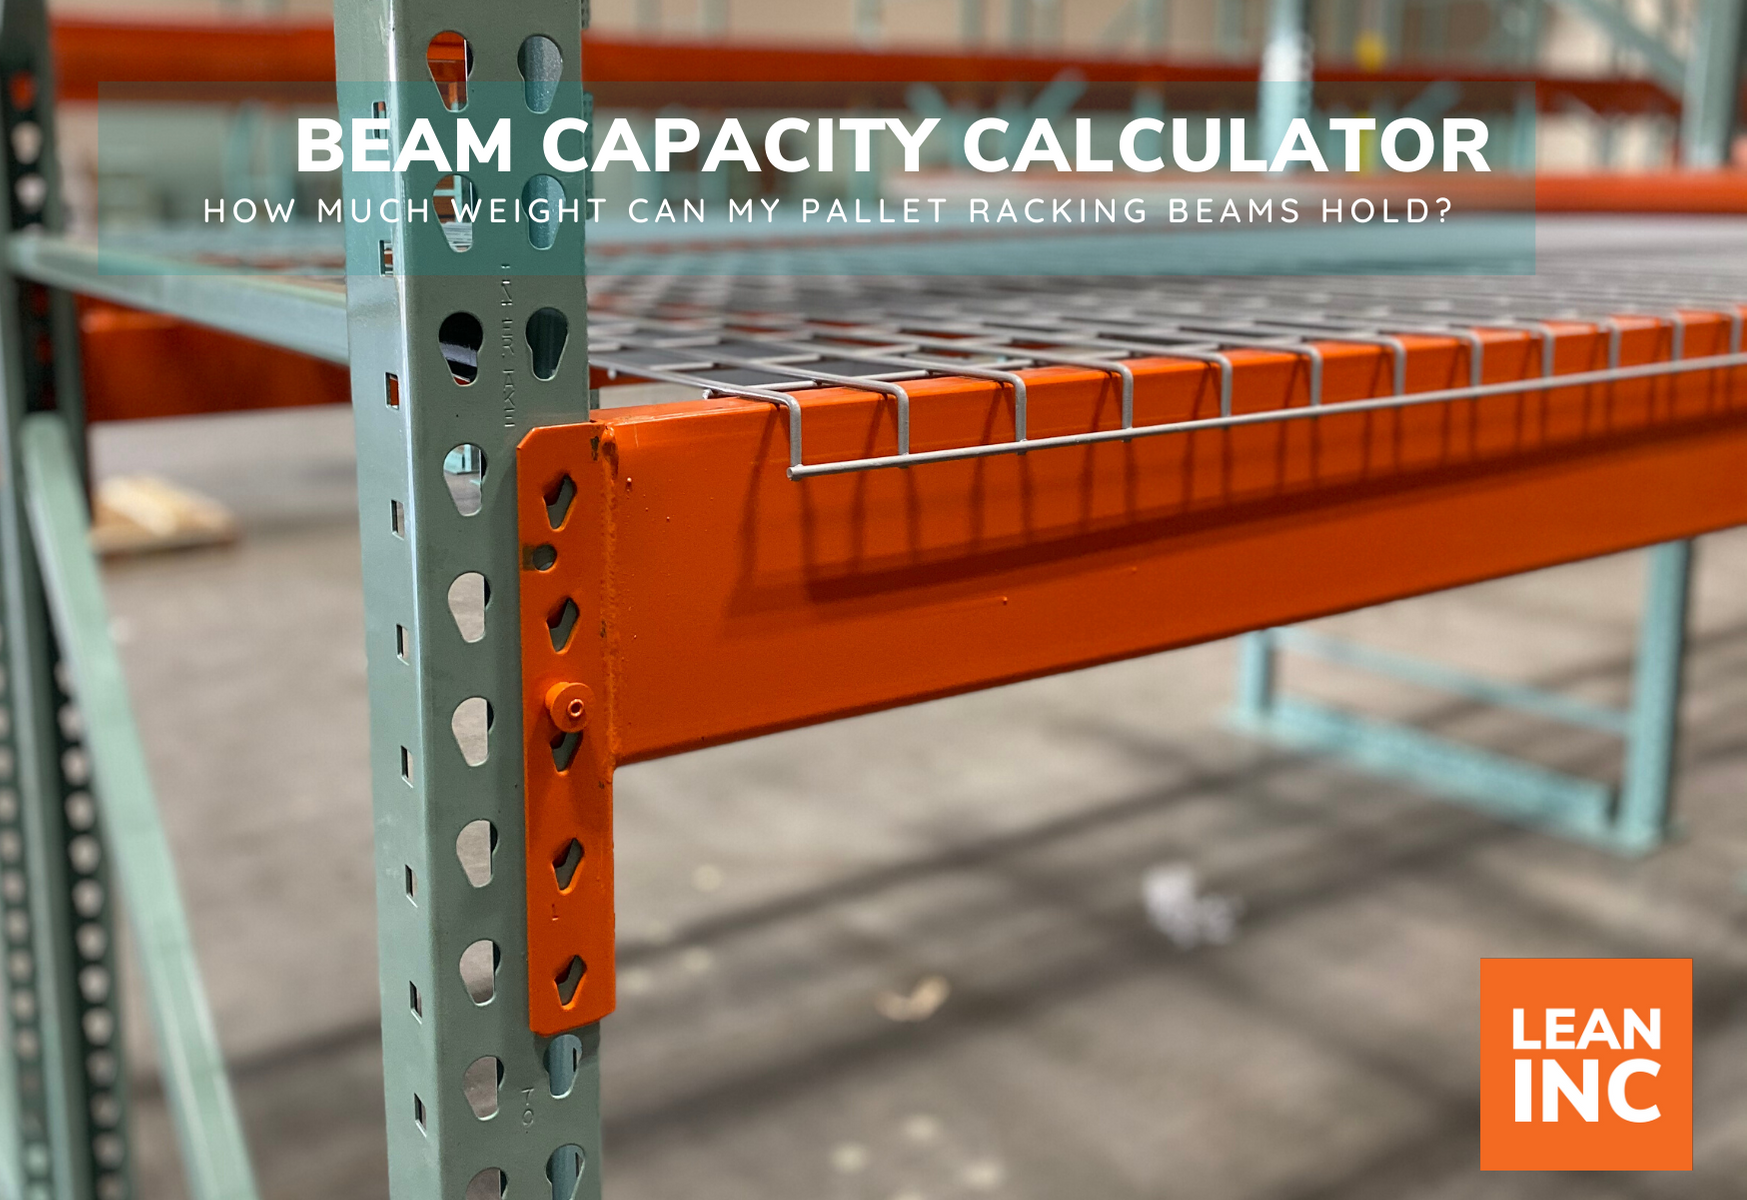 WAREHOUSE RACKING BEAM CAPACITY CALCULATOR